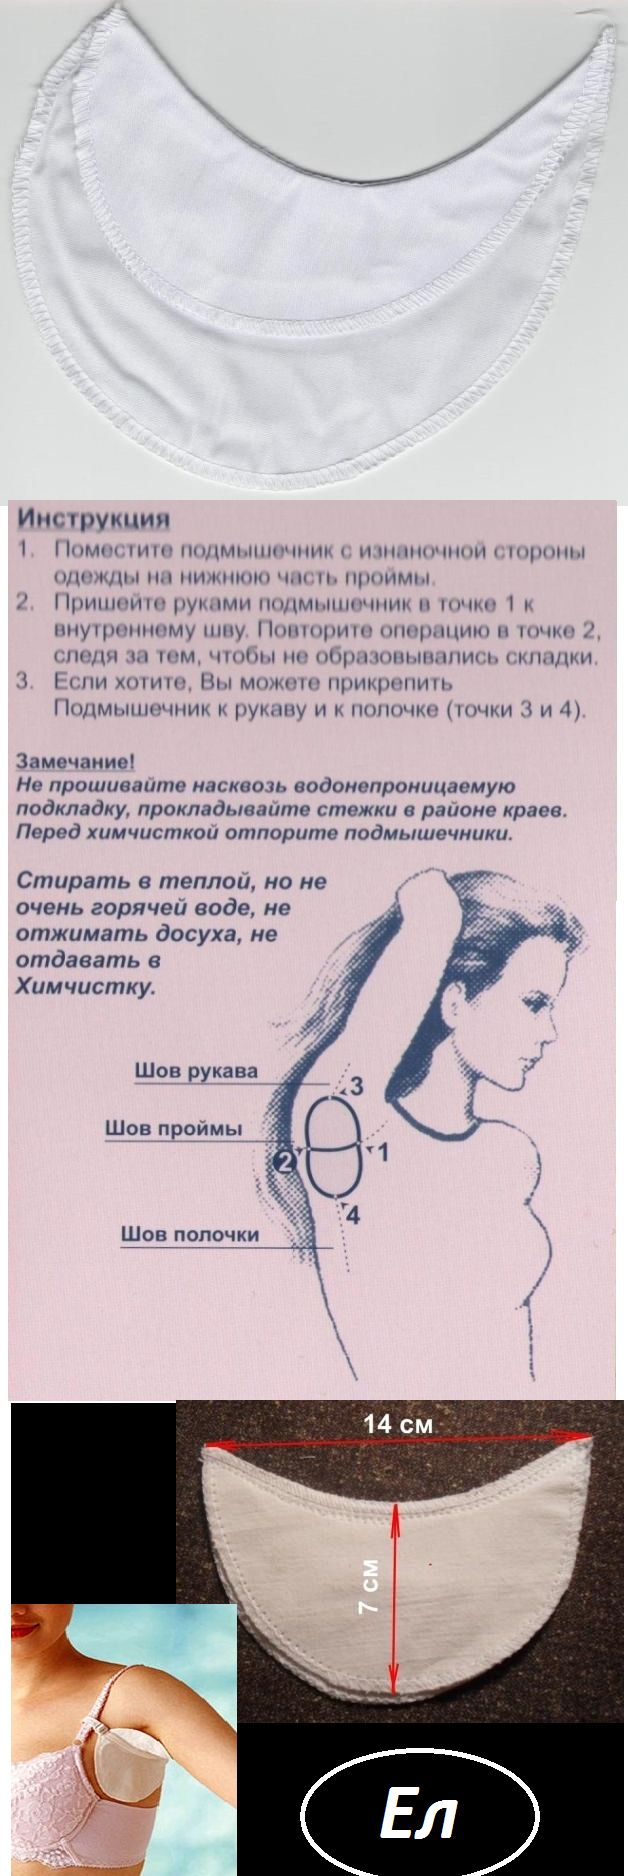 Подмышечник - элемент, предотвращающий появление пятен от пота и дезодорантов на одежде.